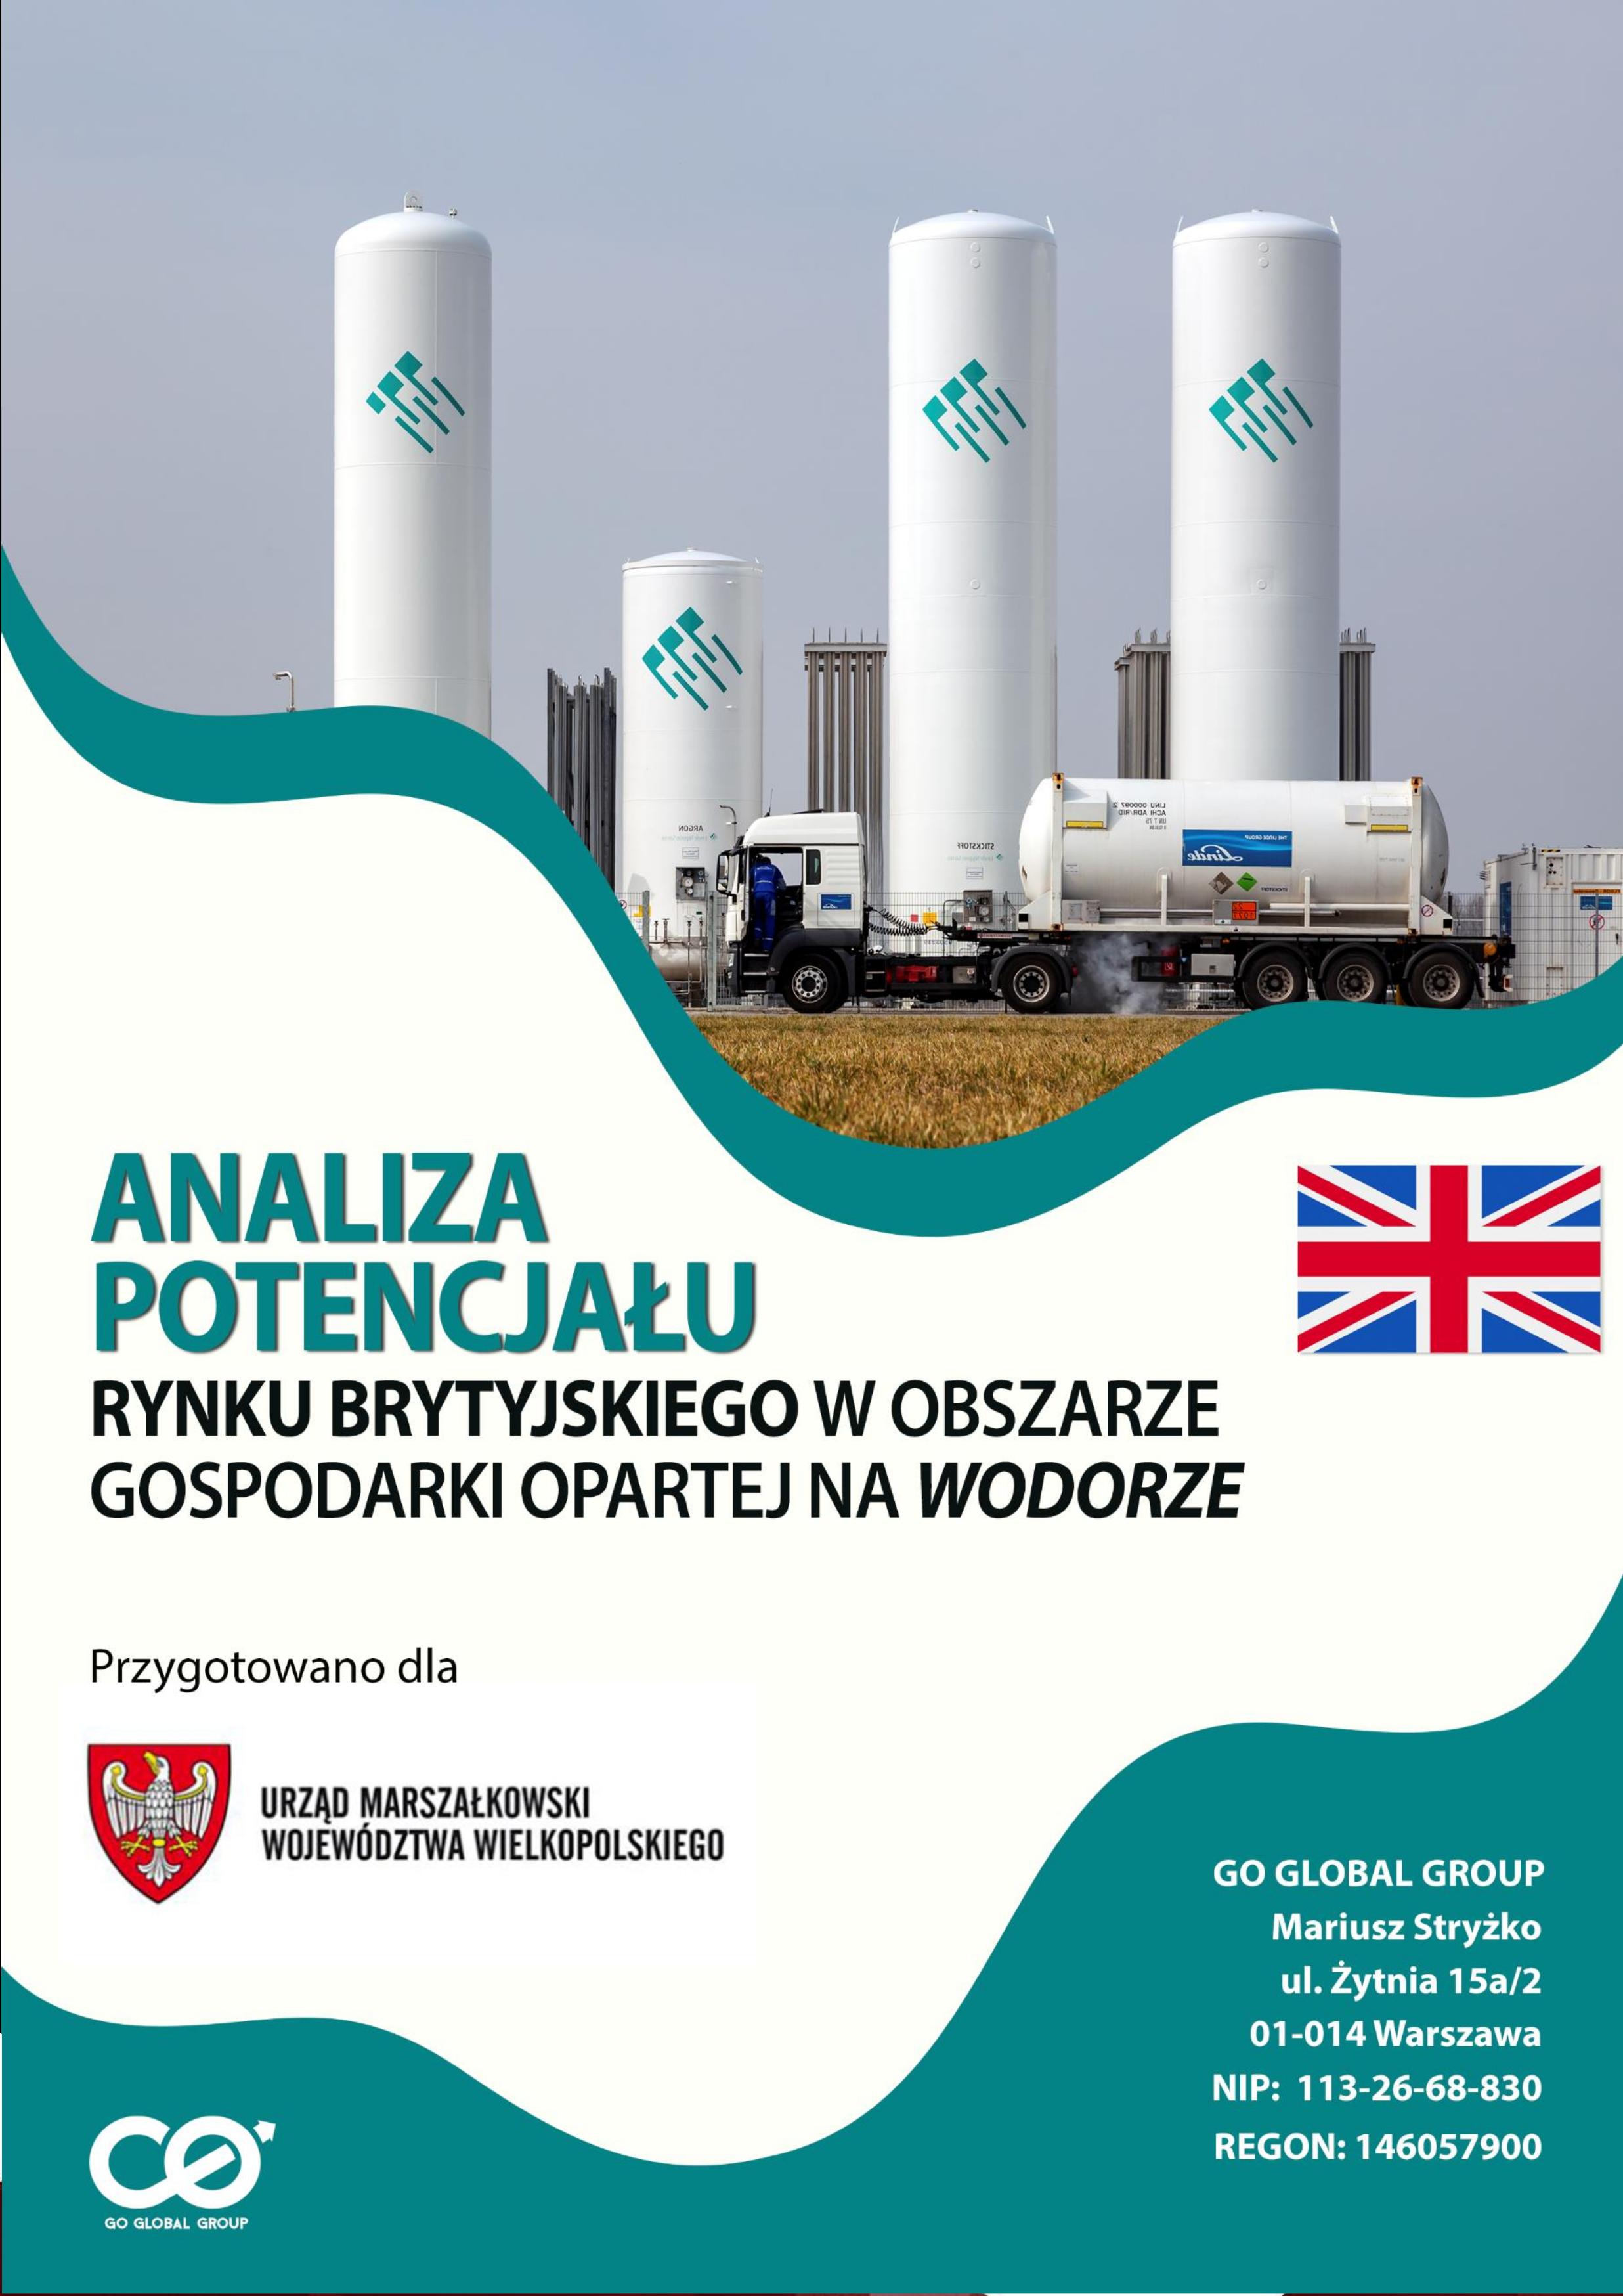 Analiza potencjału rynku brytyjskiego w obszarze gospodarki wodorowej